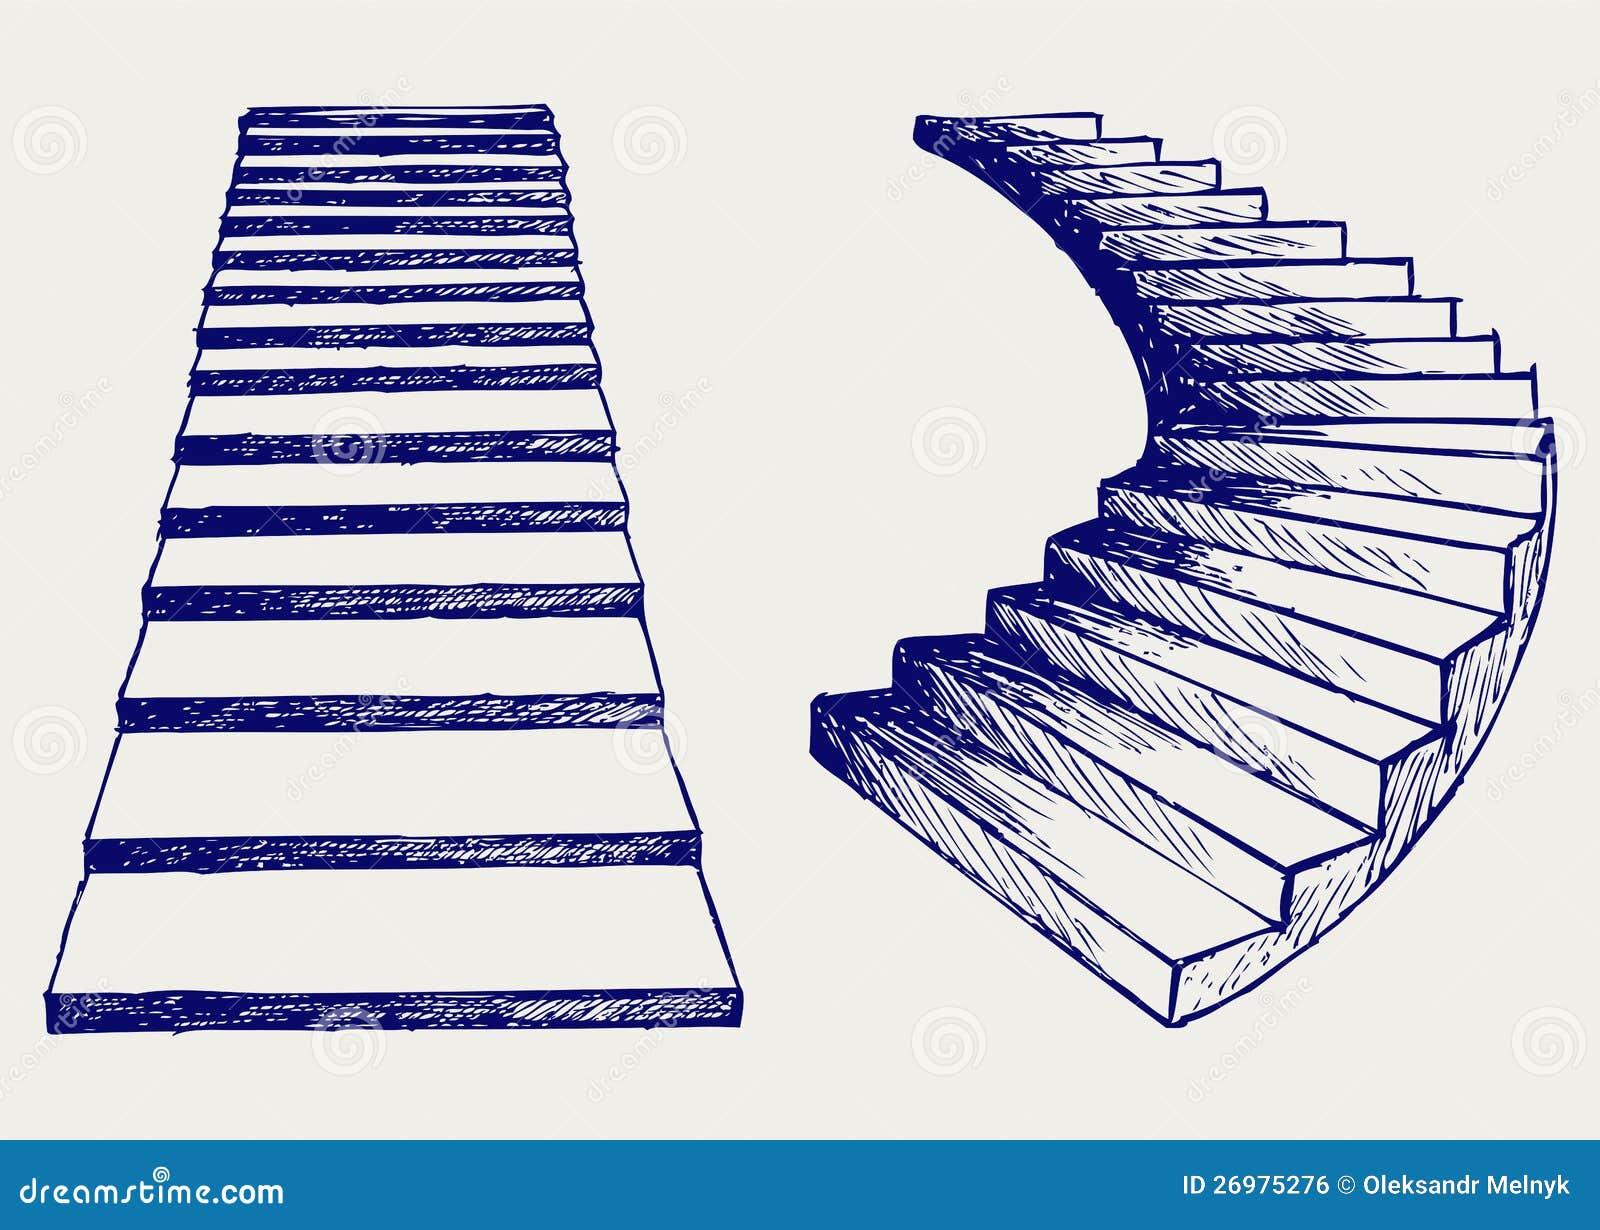 Stairway Sketch